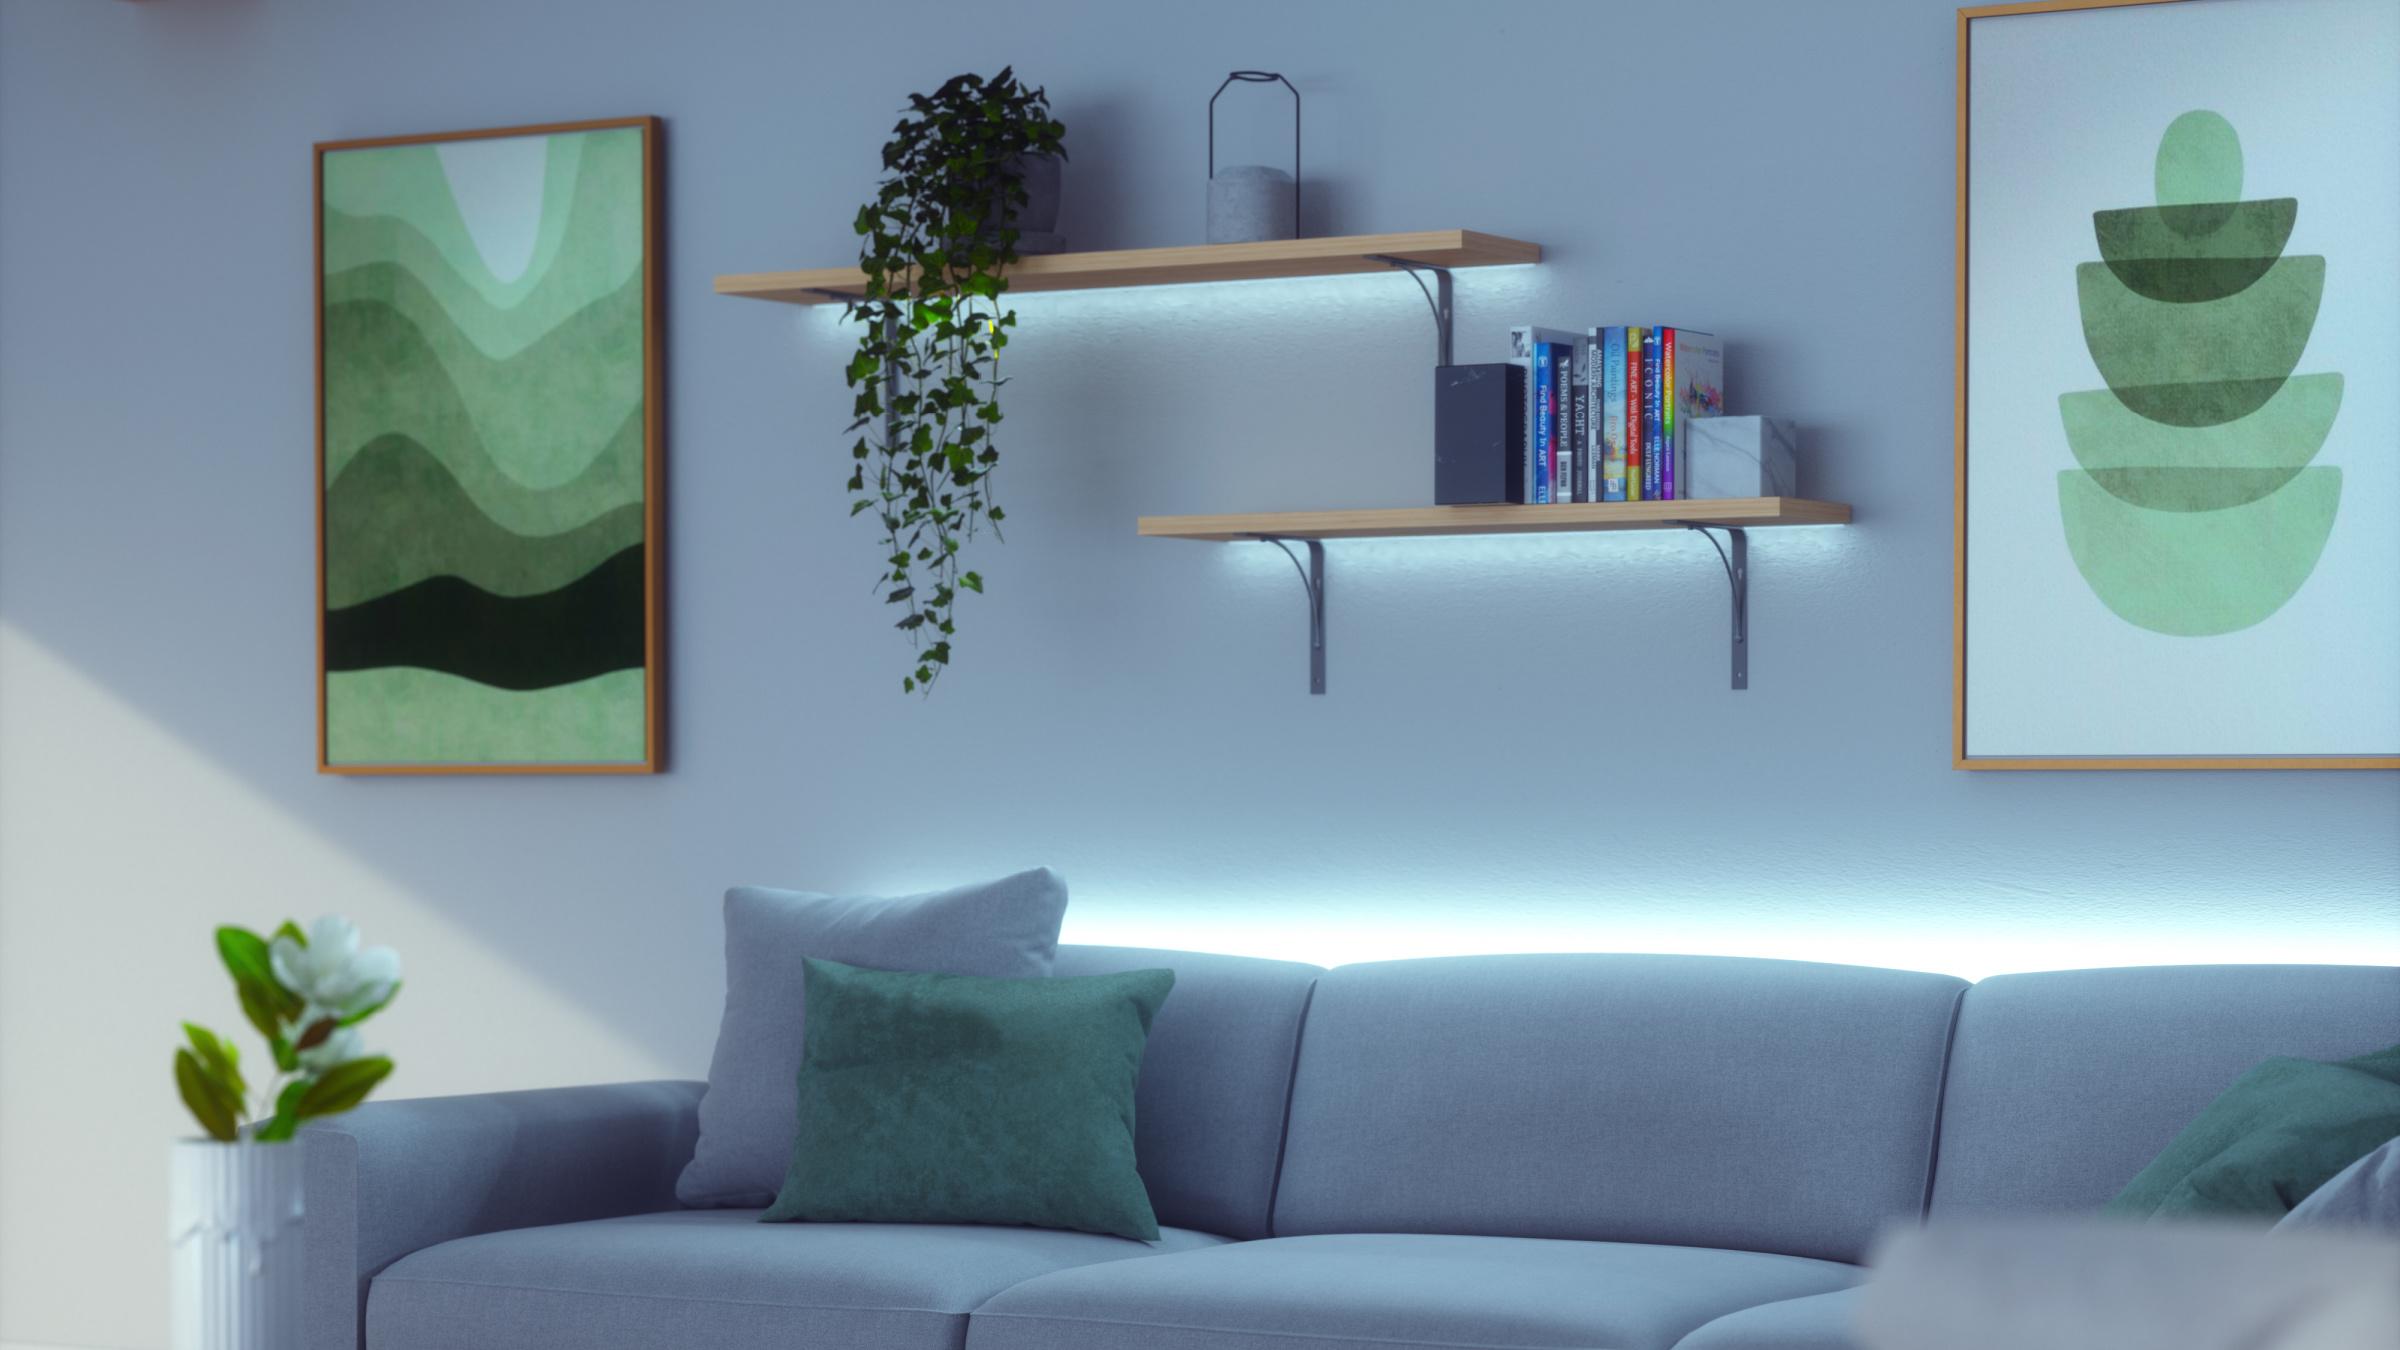 Nanoleaf va adapter votre éclairage automatiquement en fonction de l'heure